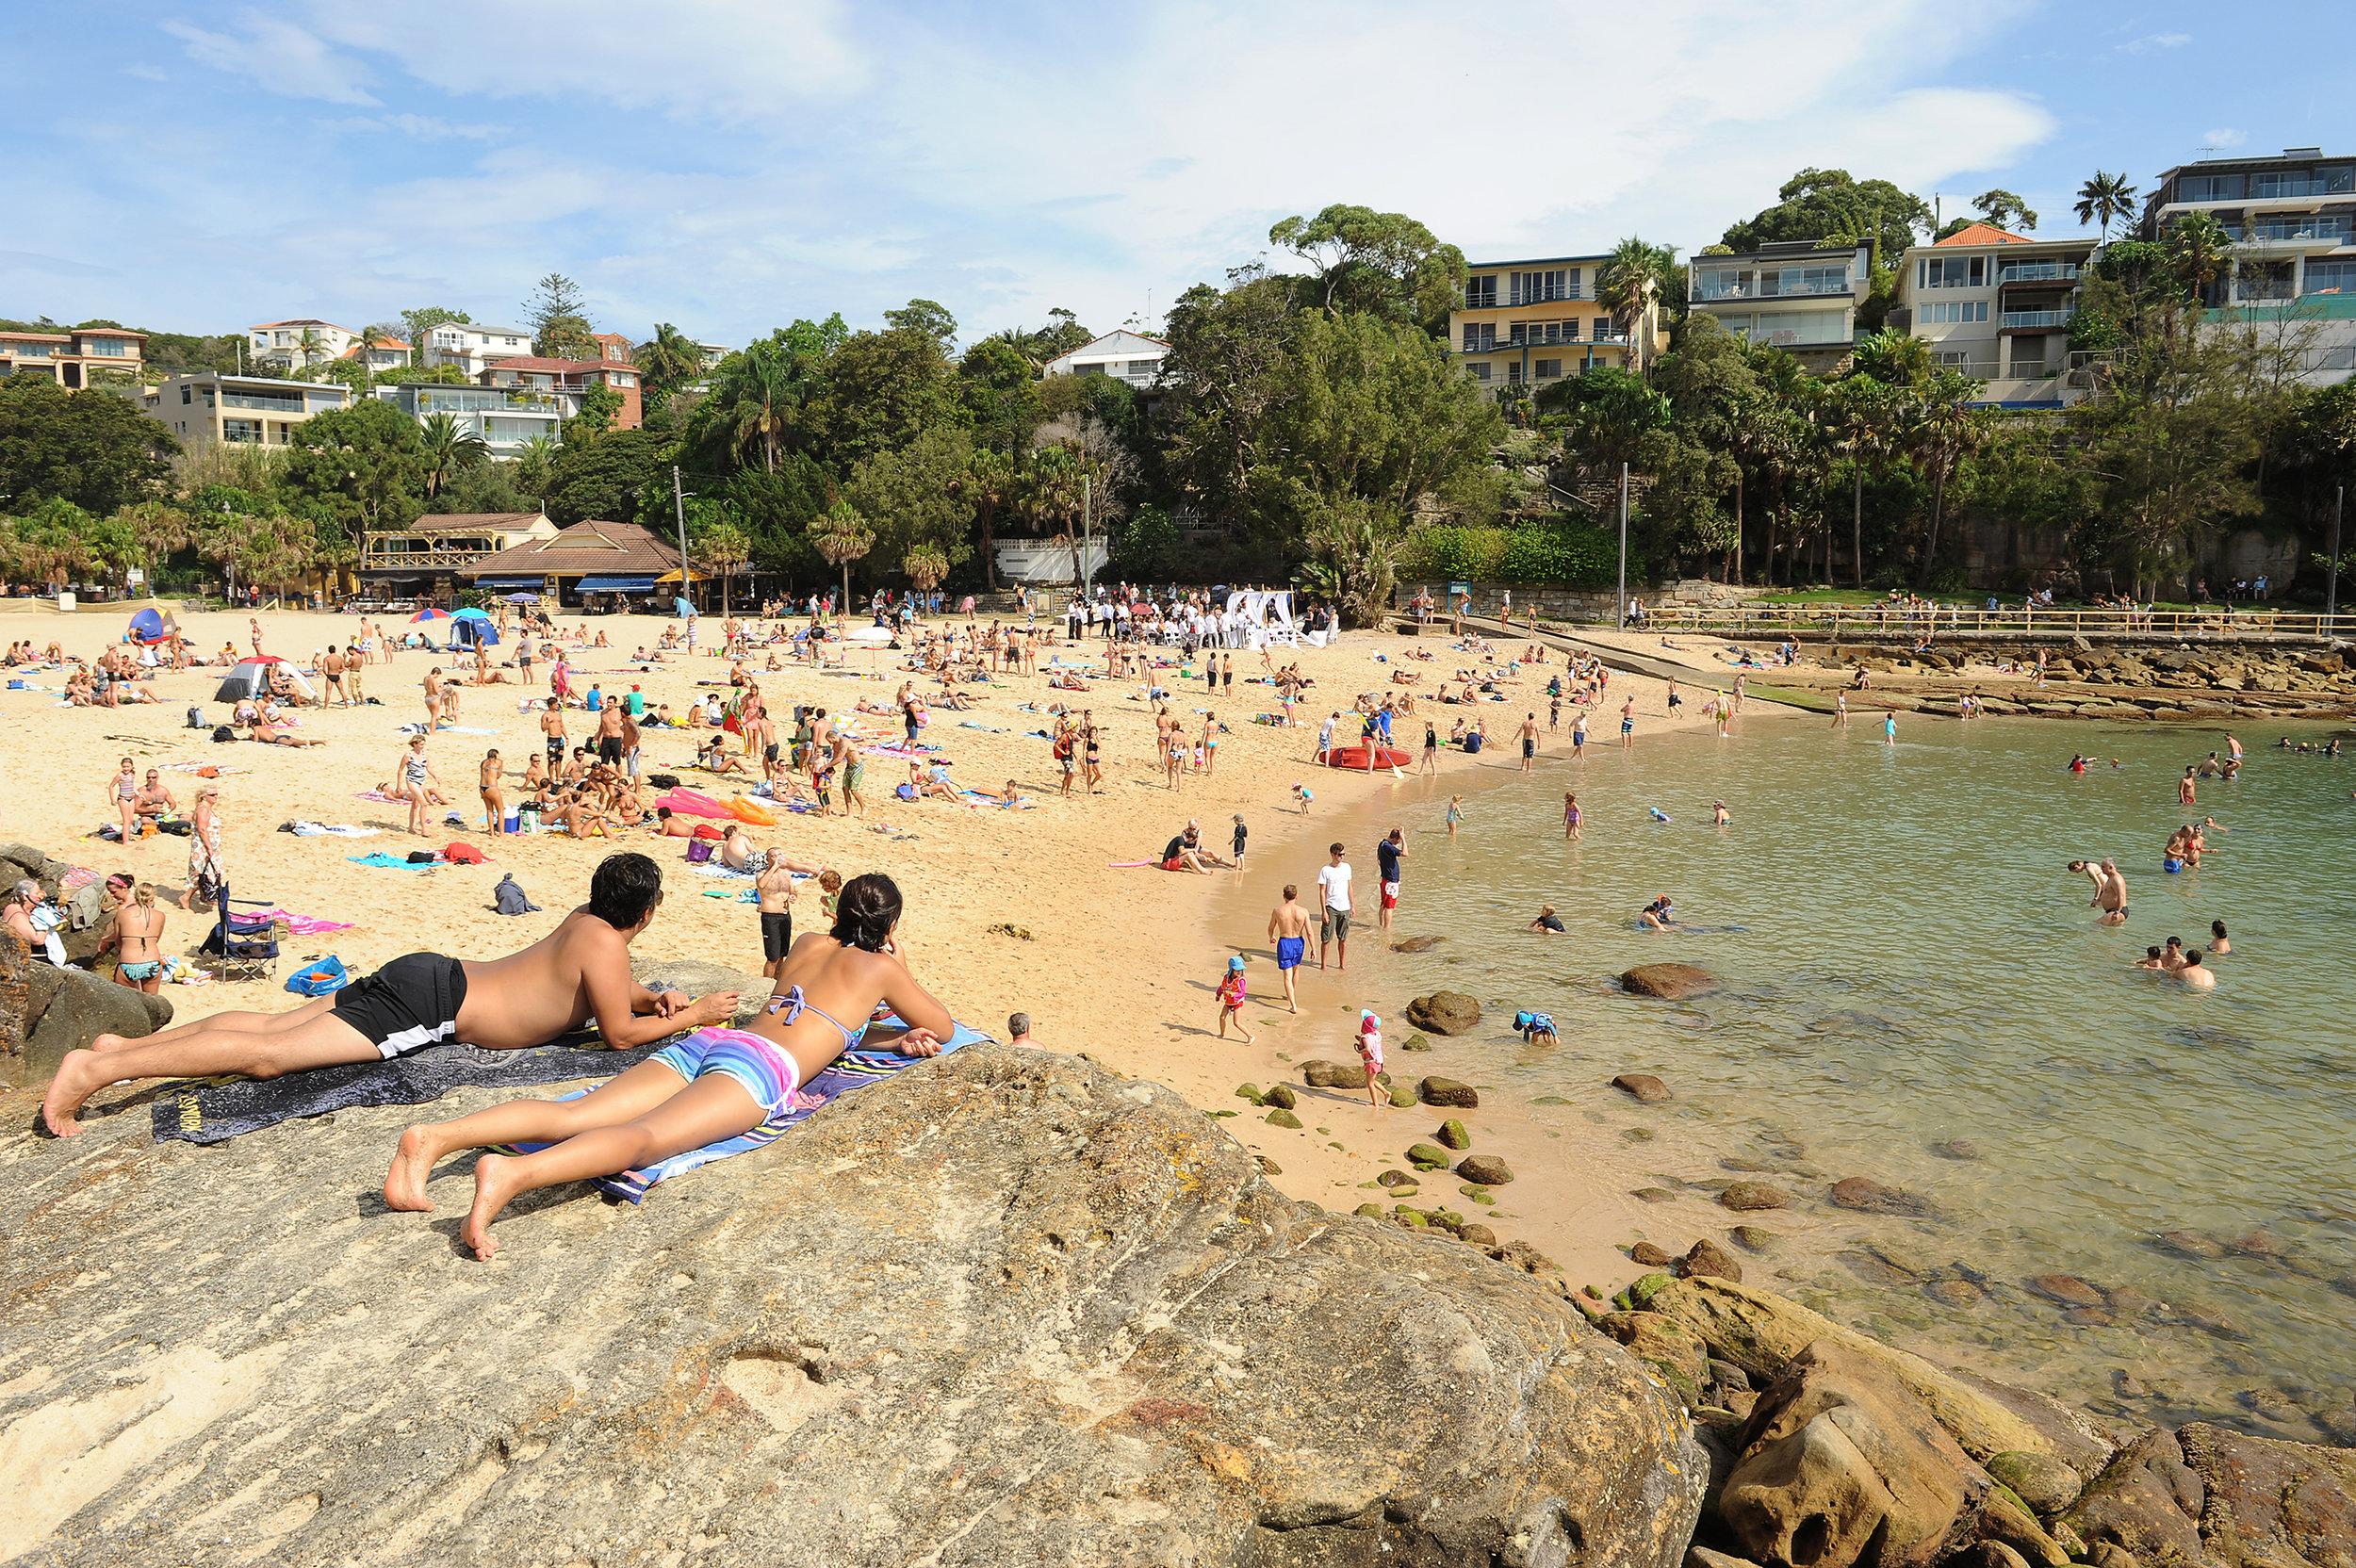 Australia, Sydney, Manly, Shelly Beach